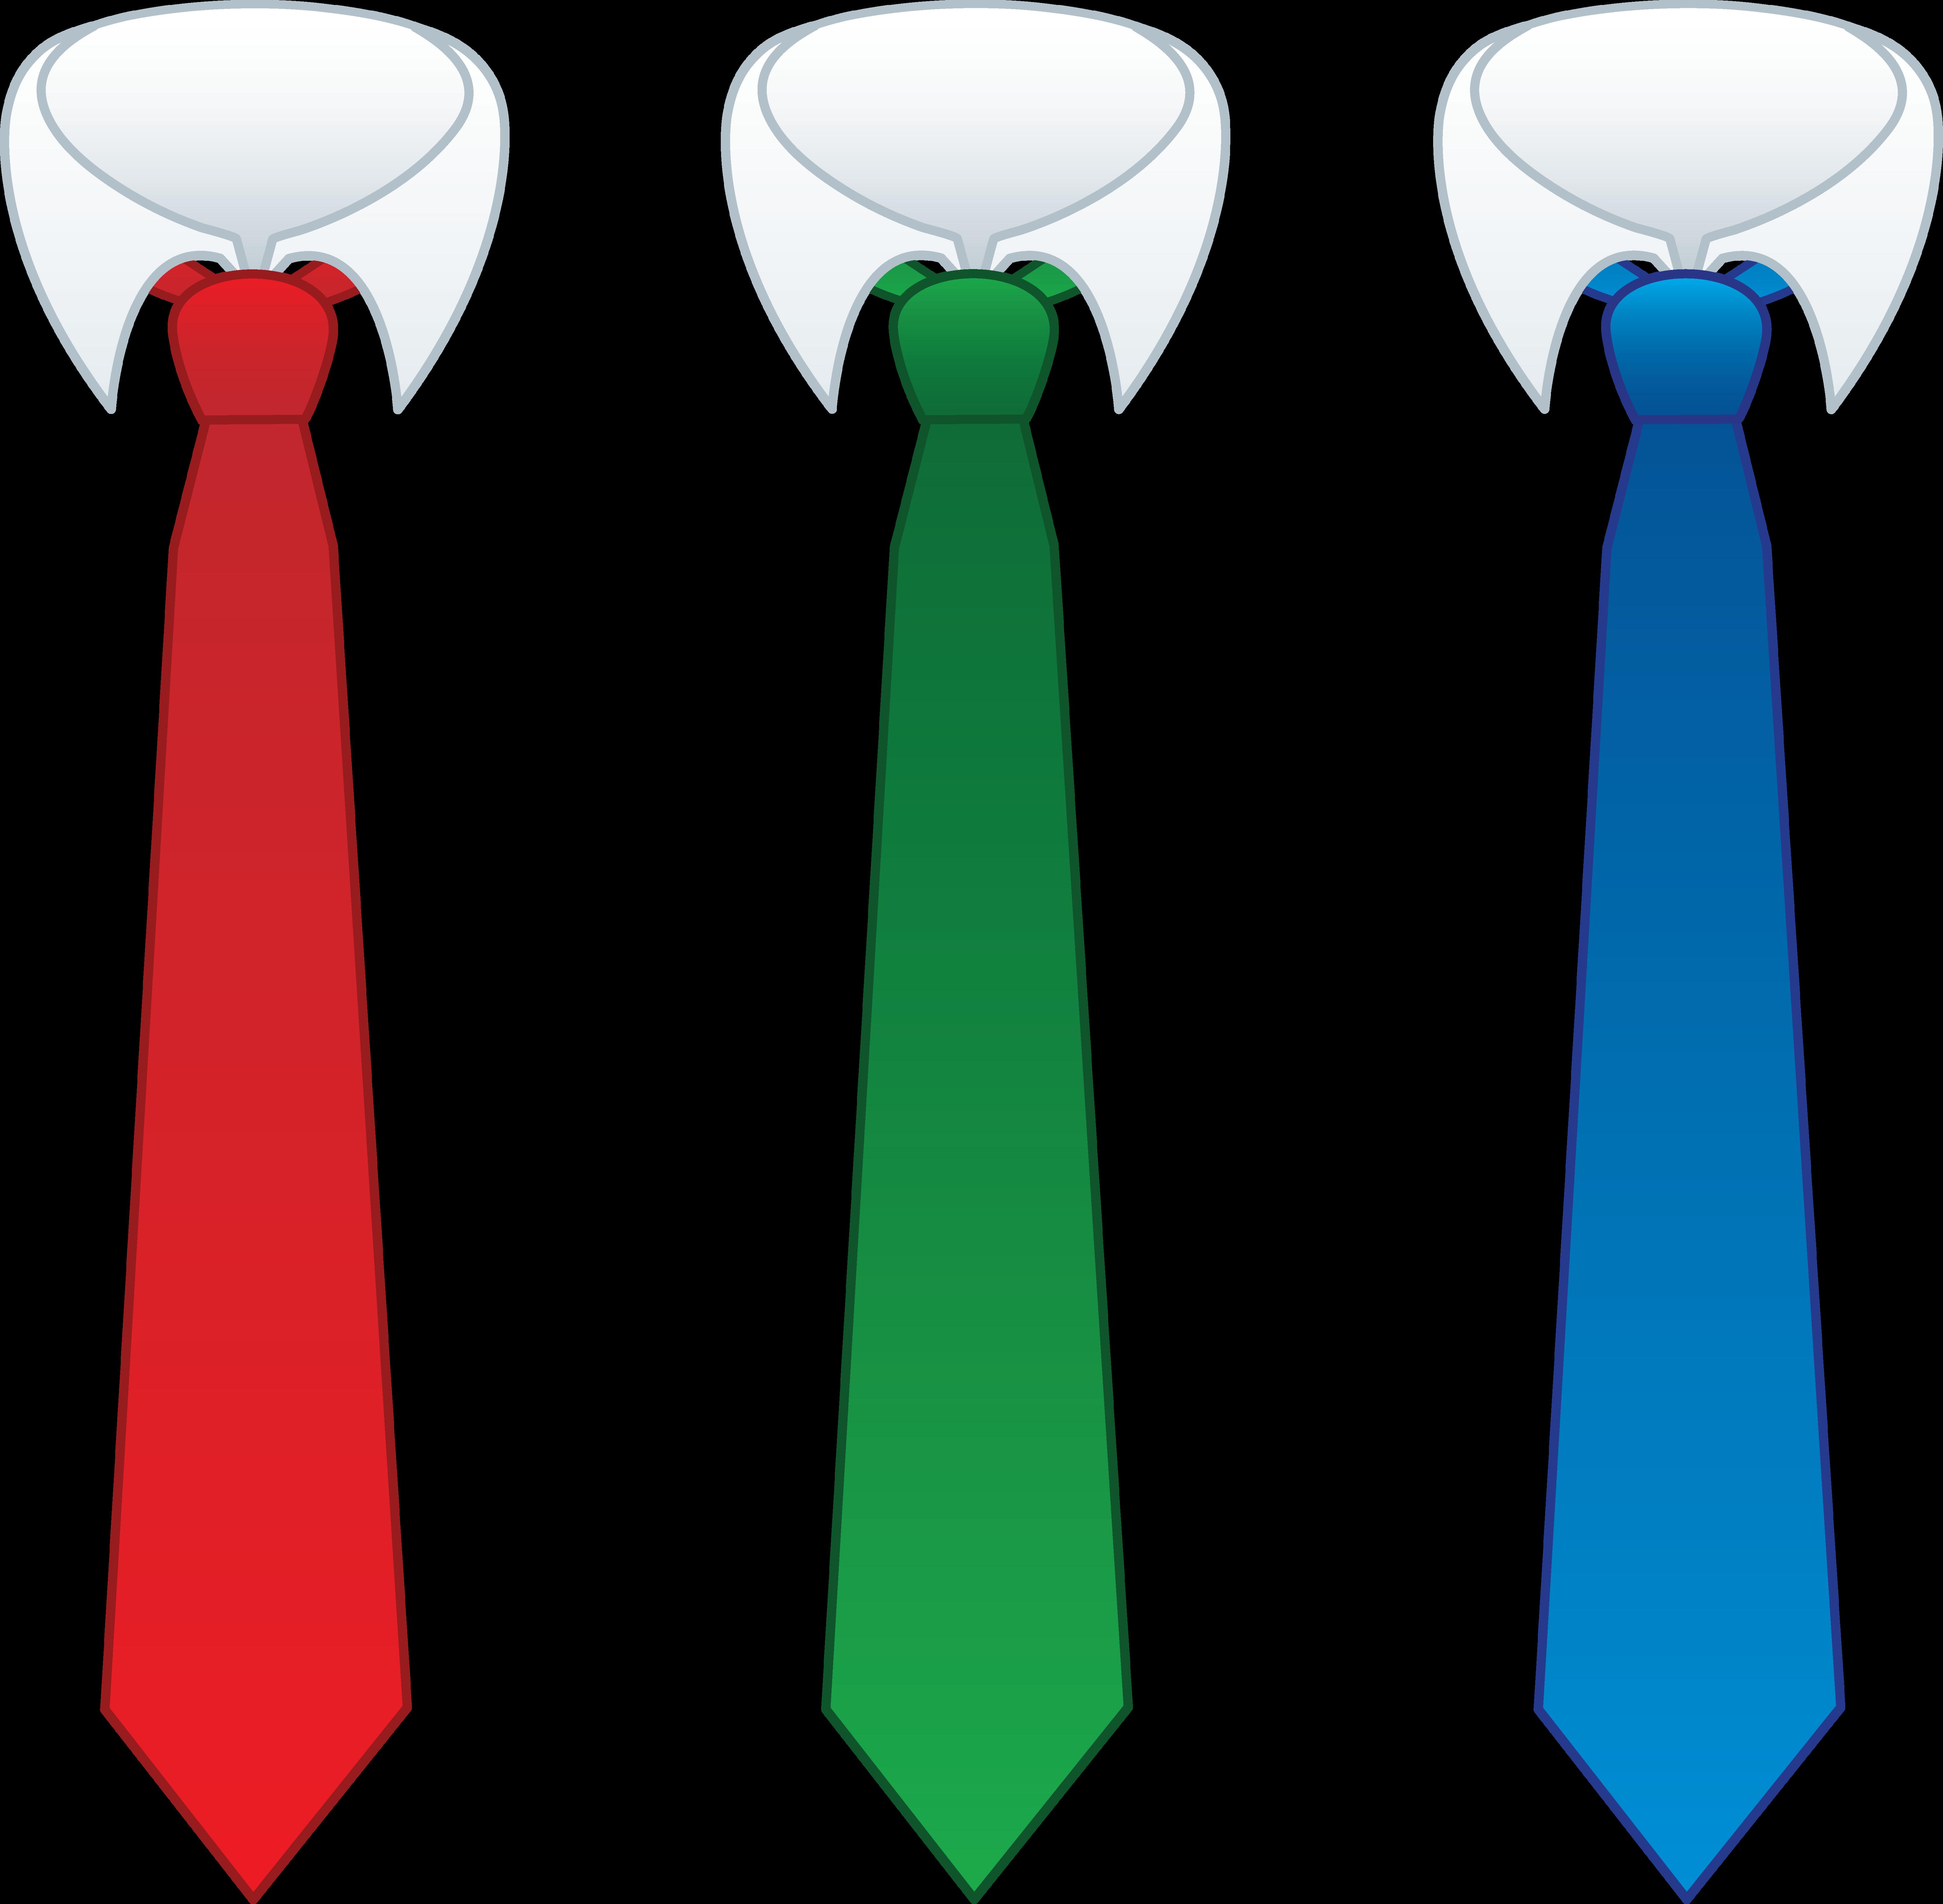 6661x6527 Wellsuited Necktie Clipart Free Download Clip Art